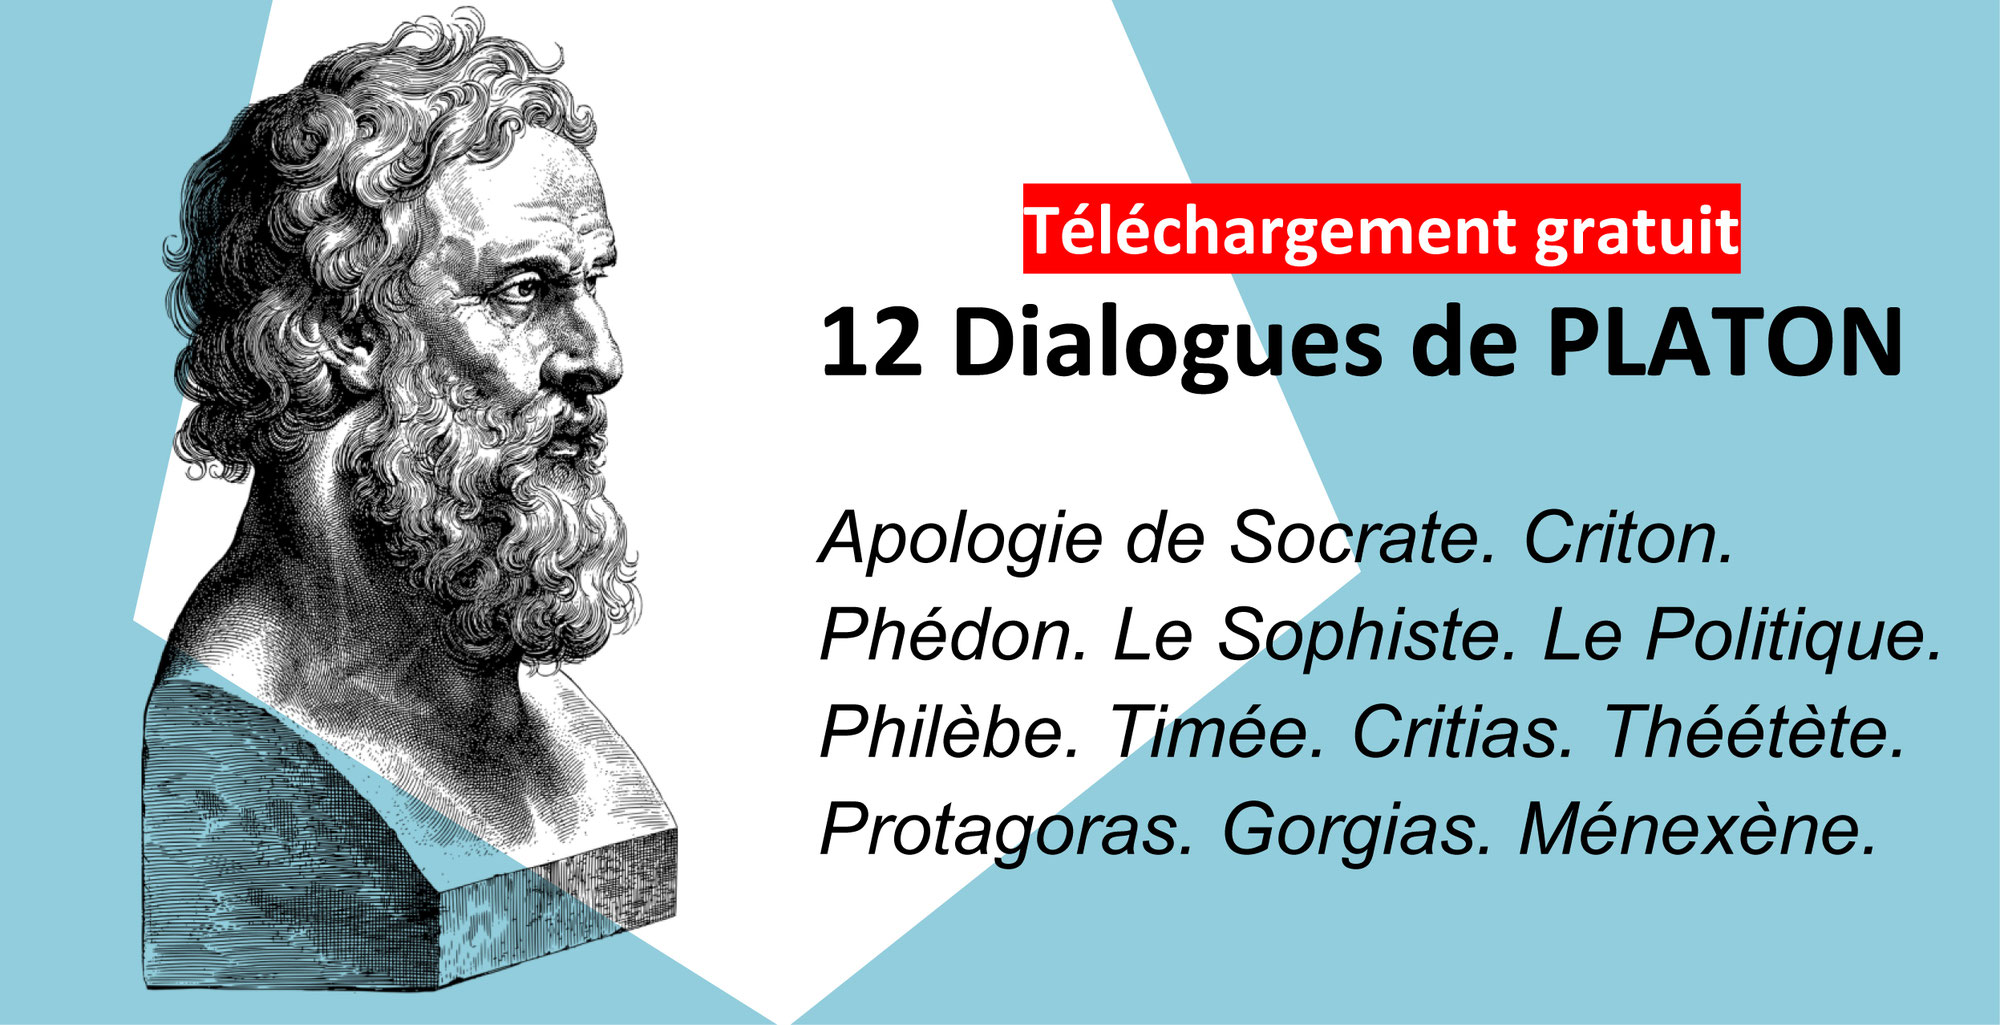 12 DIALOGUES DE PLATON en téléchargement gratuit (format PDF)